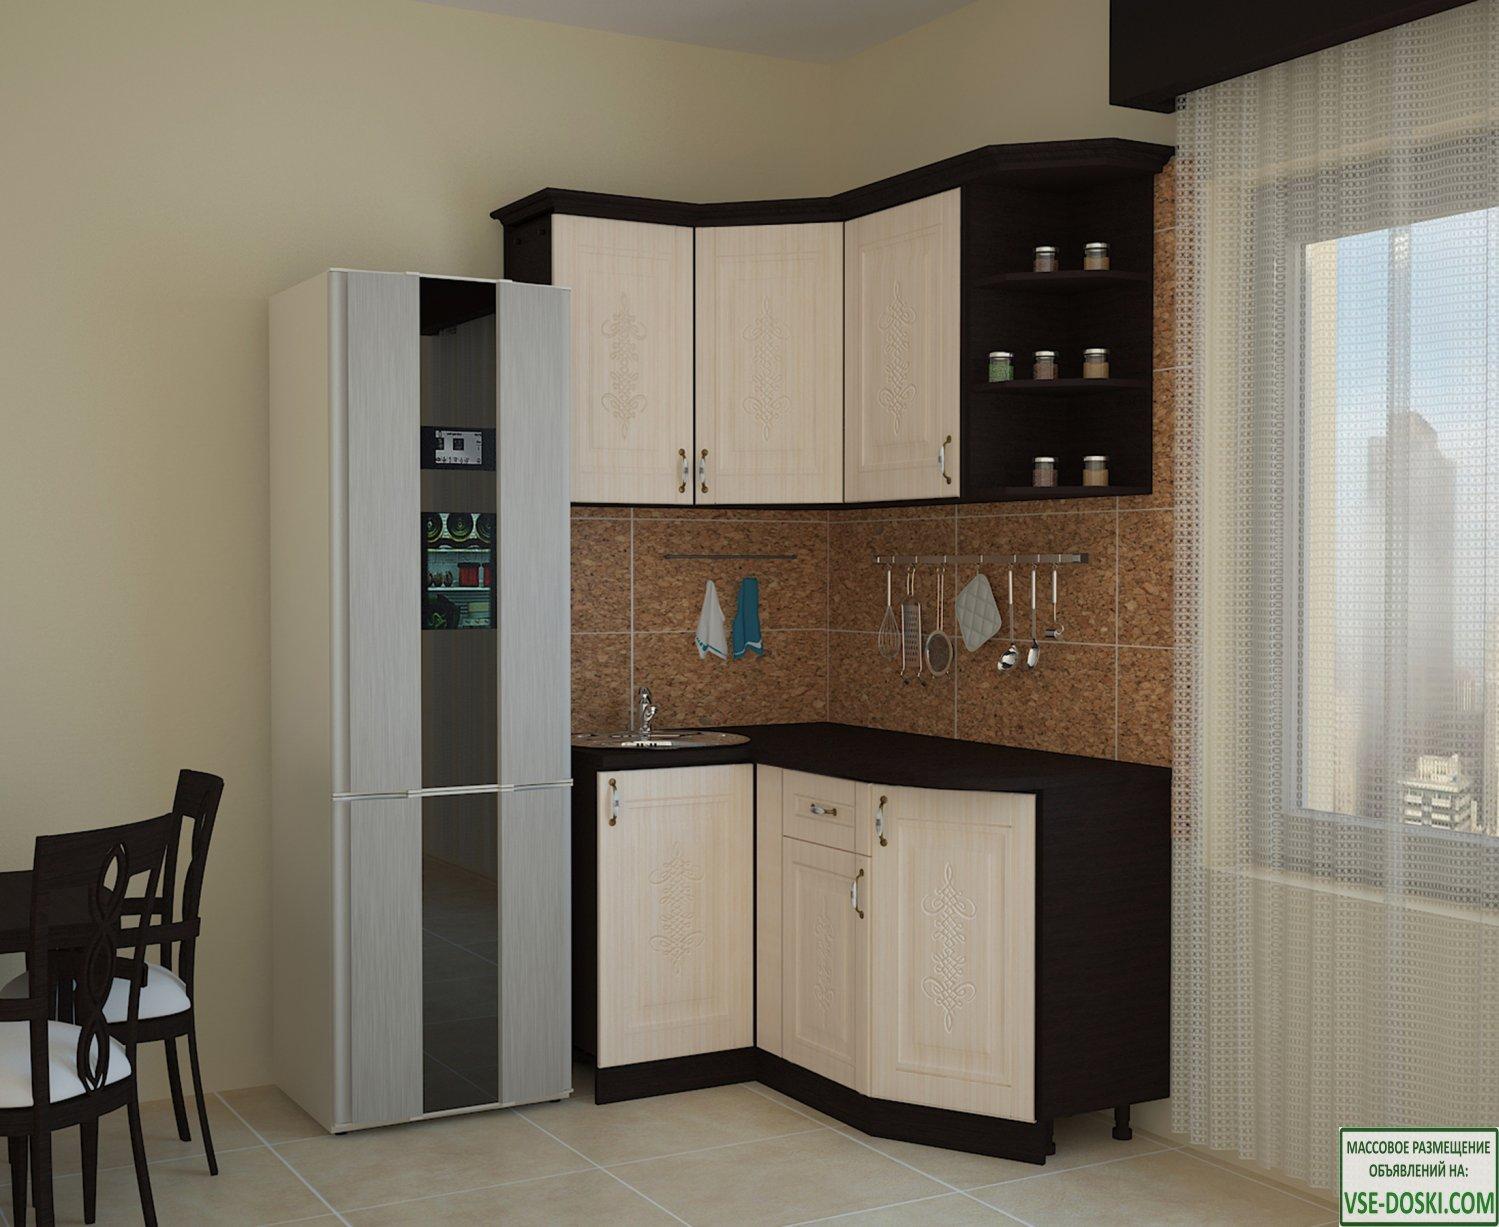 Кухня БЕЛАРУСЬ Угловая, правая - левая